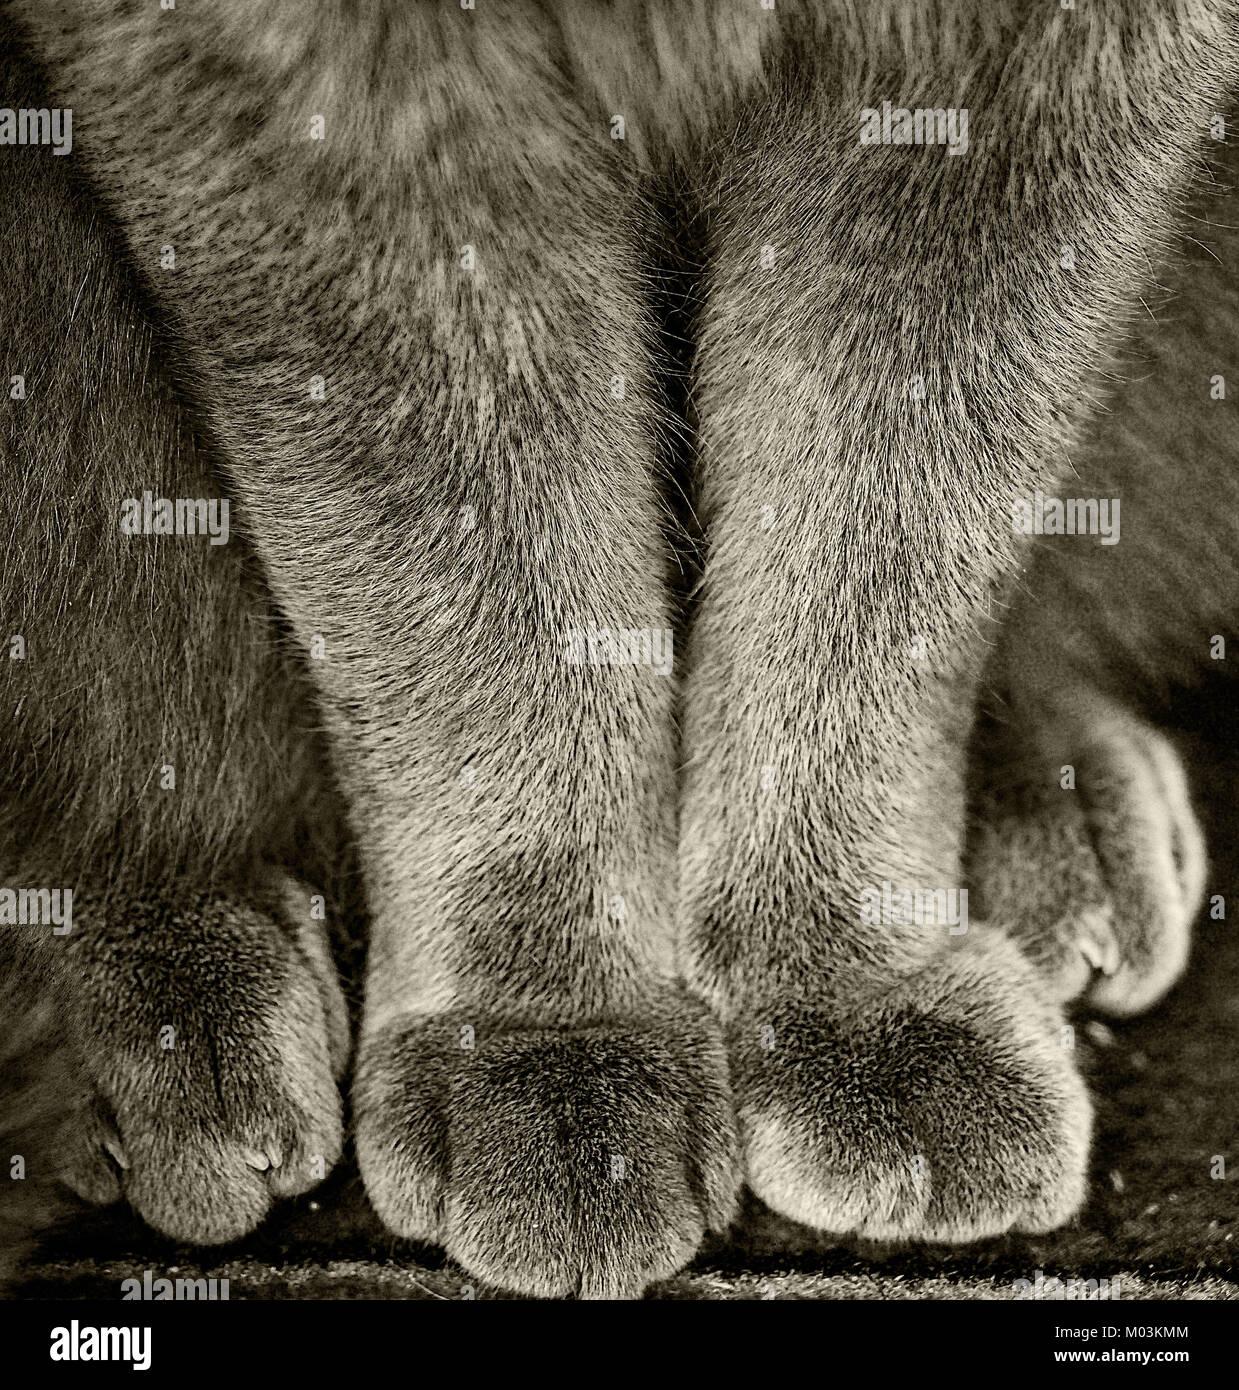 Une photographie en noir et blanc de la moitié inférieure d'un chat bleu Britannique dans une position Photo Stock